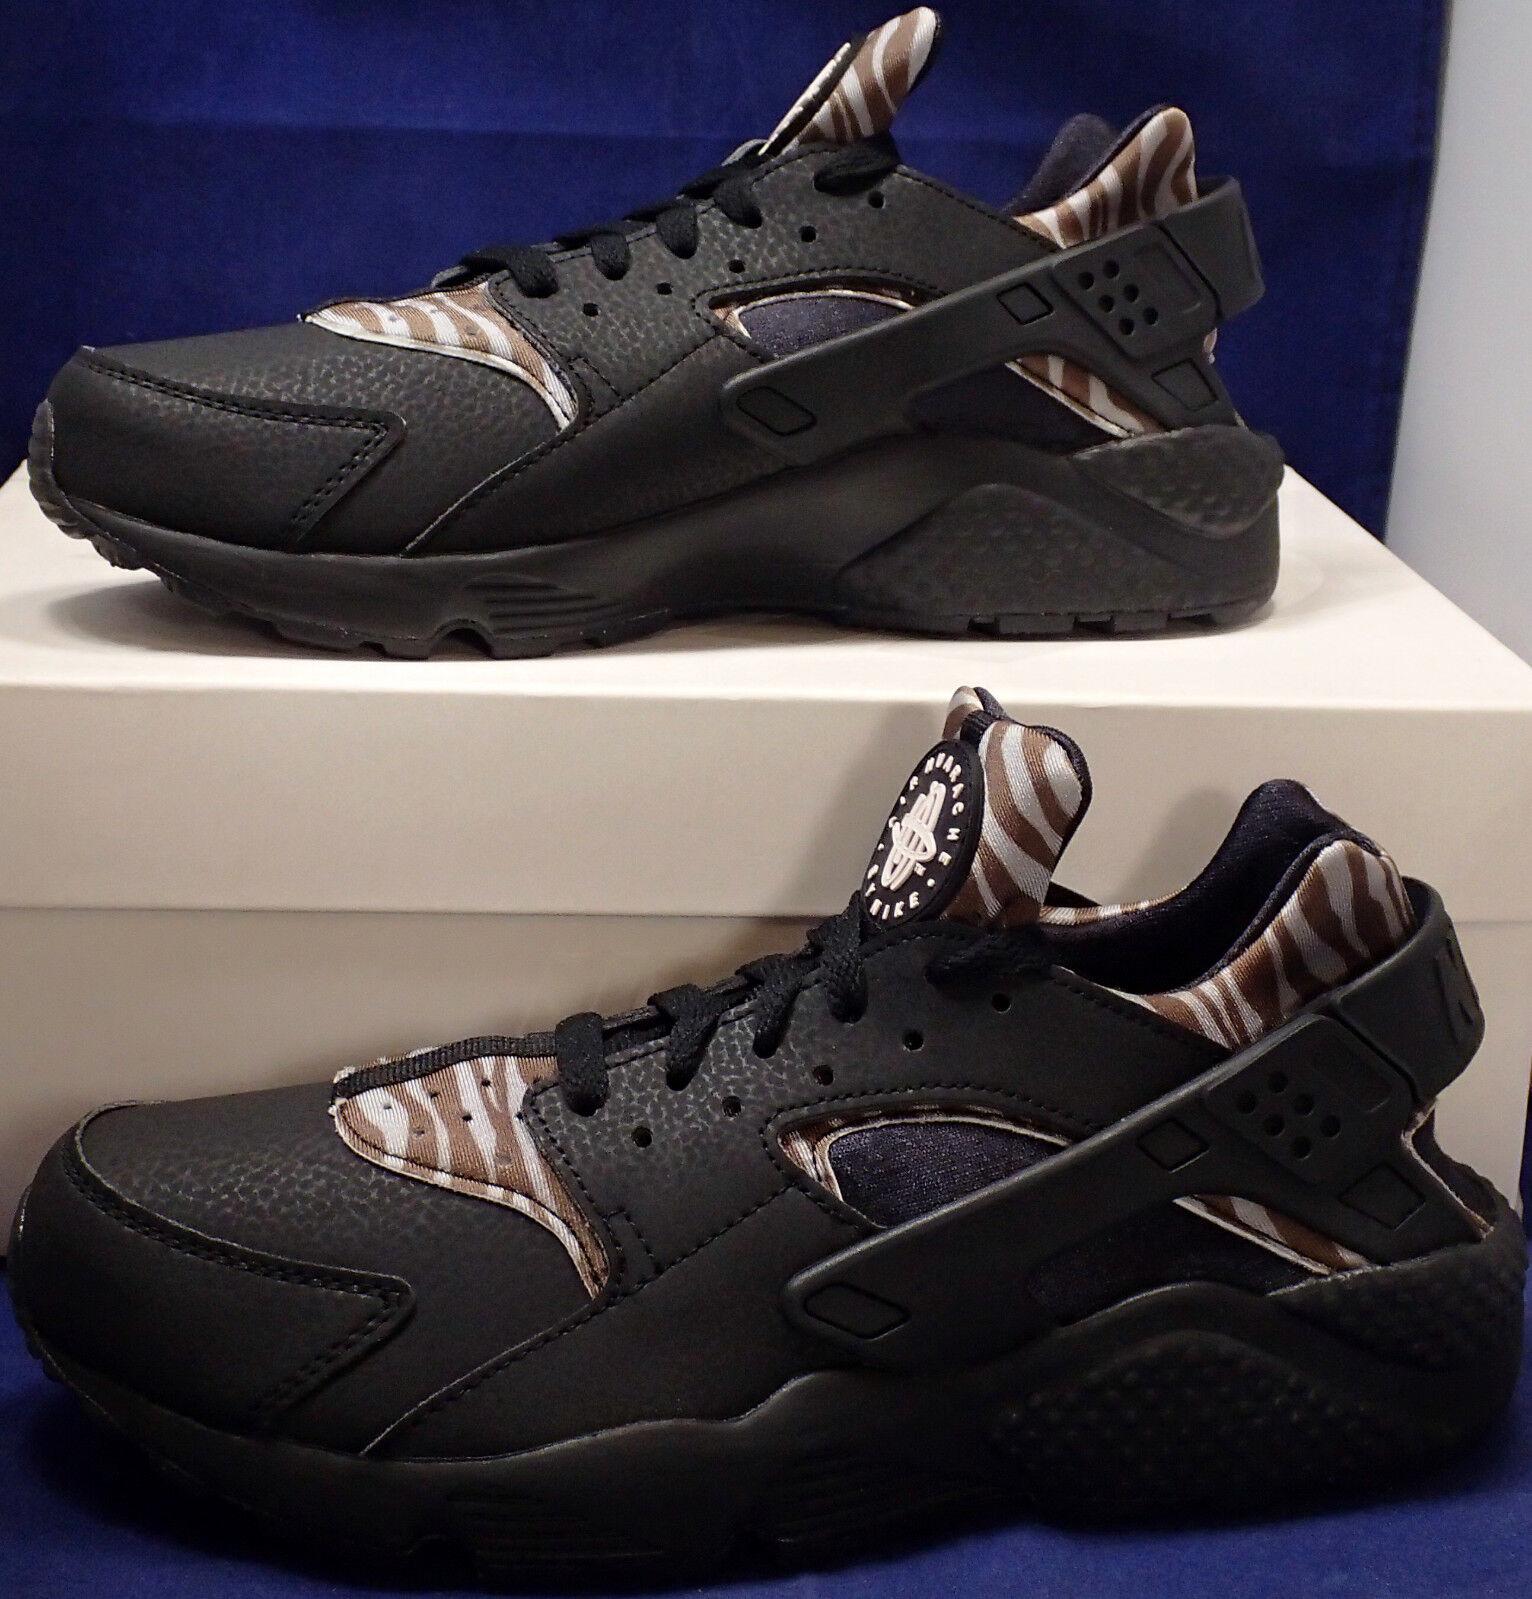 Nike air huarache id zebra stripes nero brown sz - 8 (777330-903)